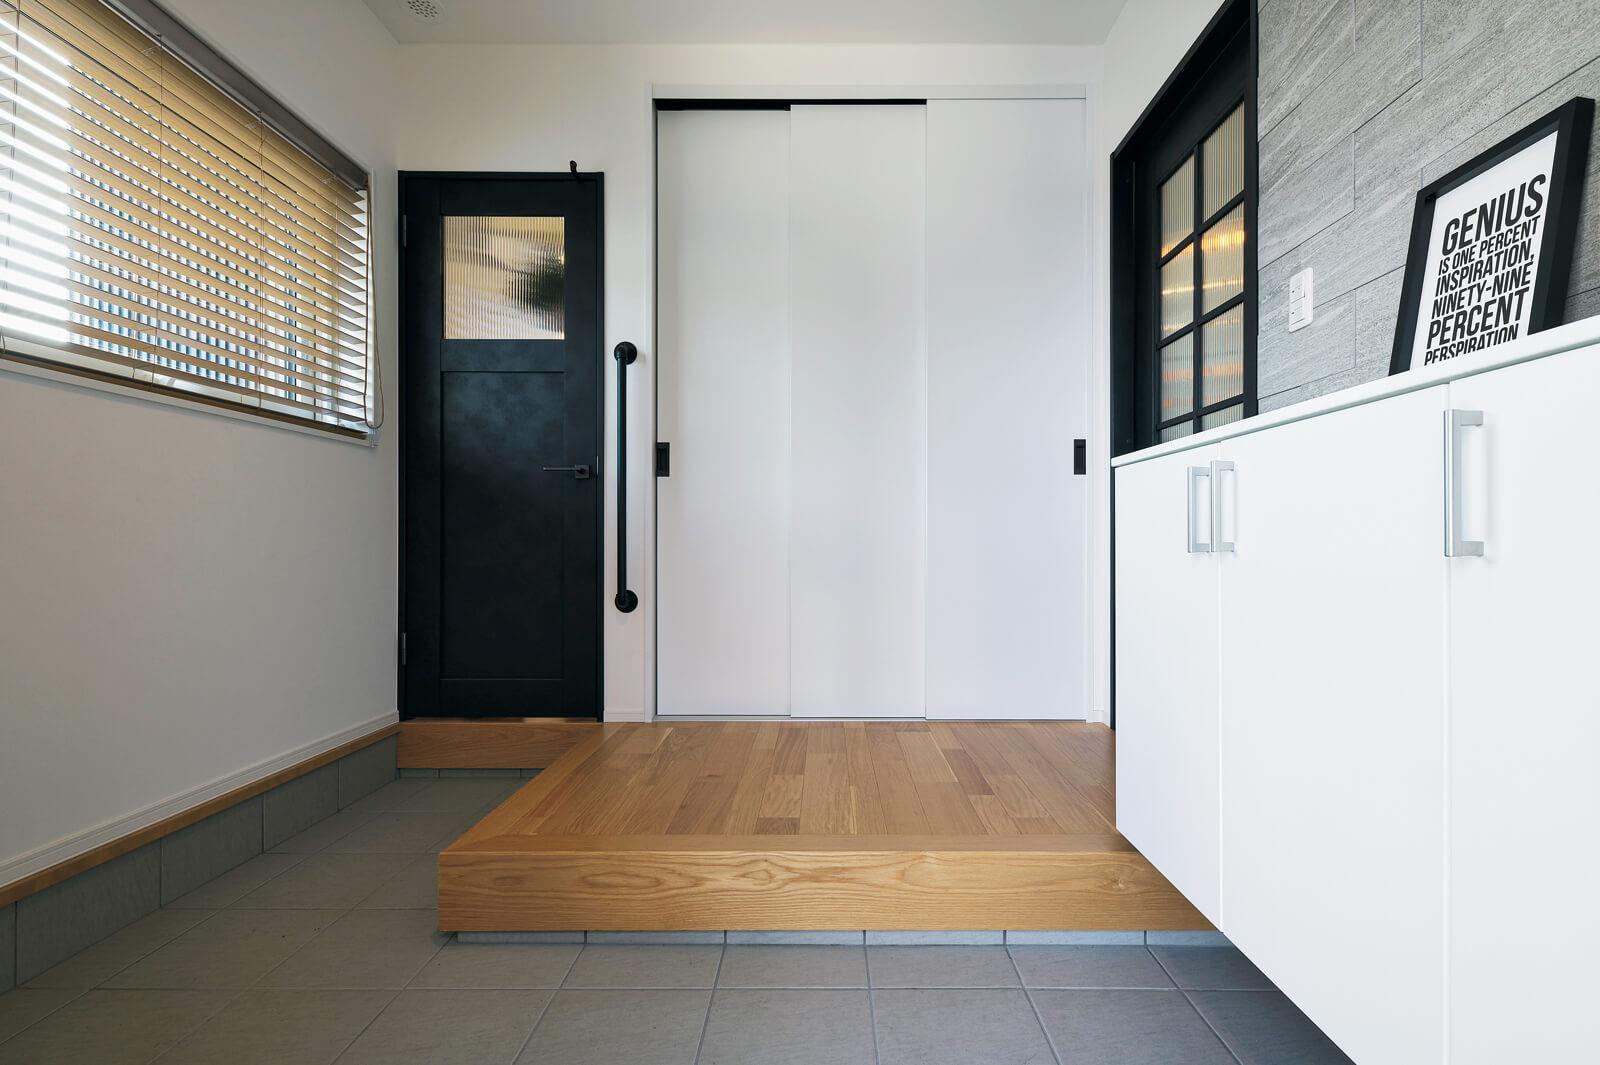 すっきりとした玄関ホール。シューズラックに入れる靴は1人2足ずつと決め、正面の収納に通園通学グッズなどを置いている